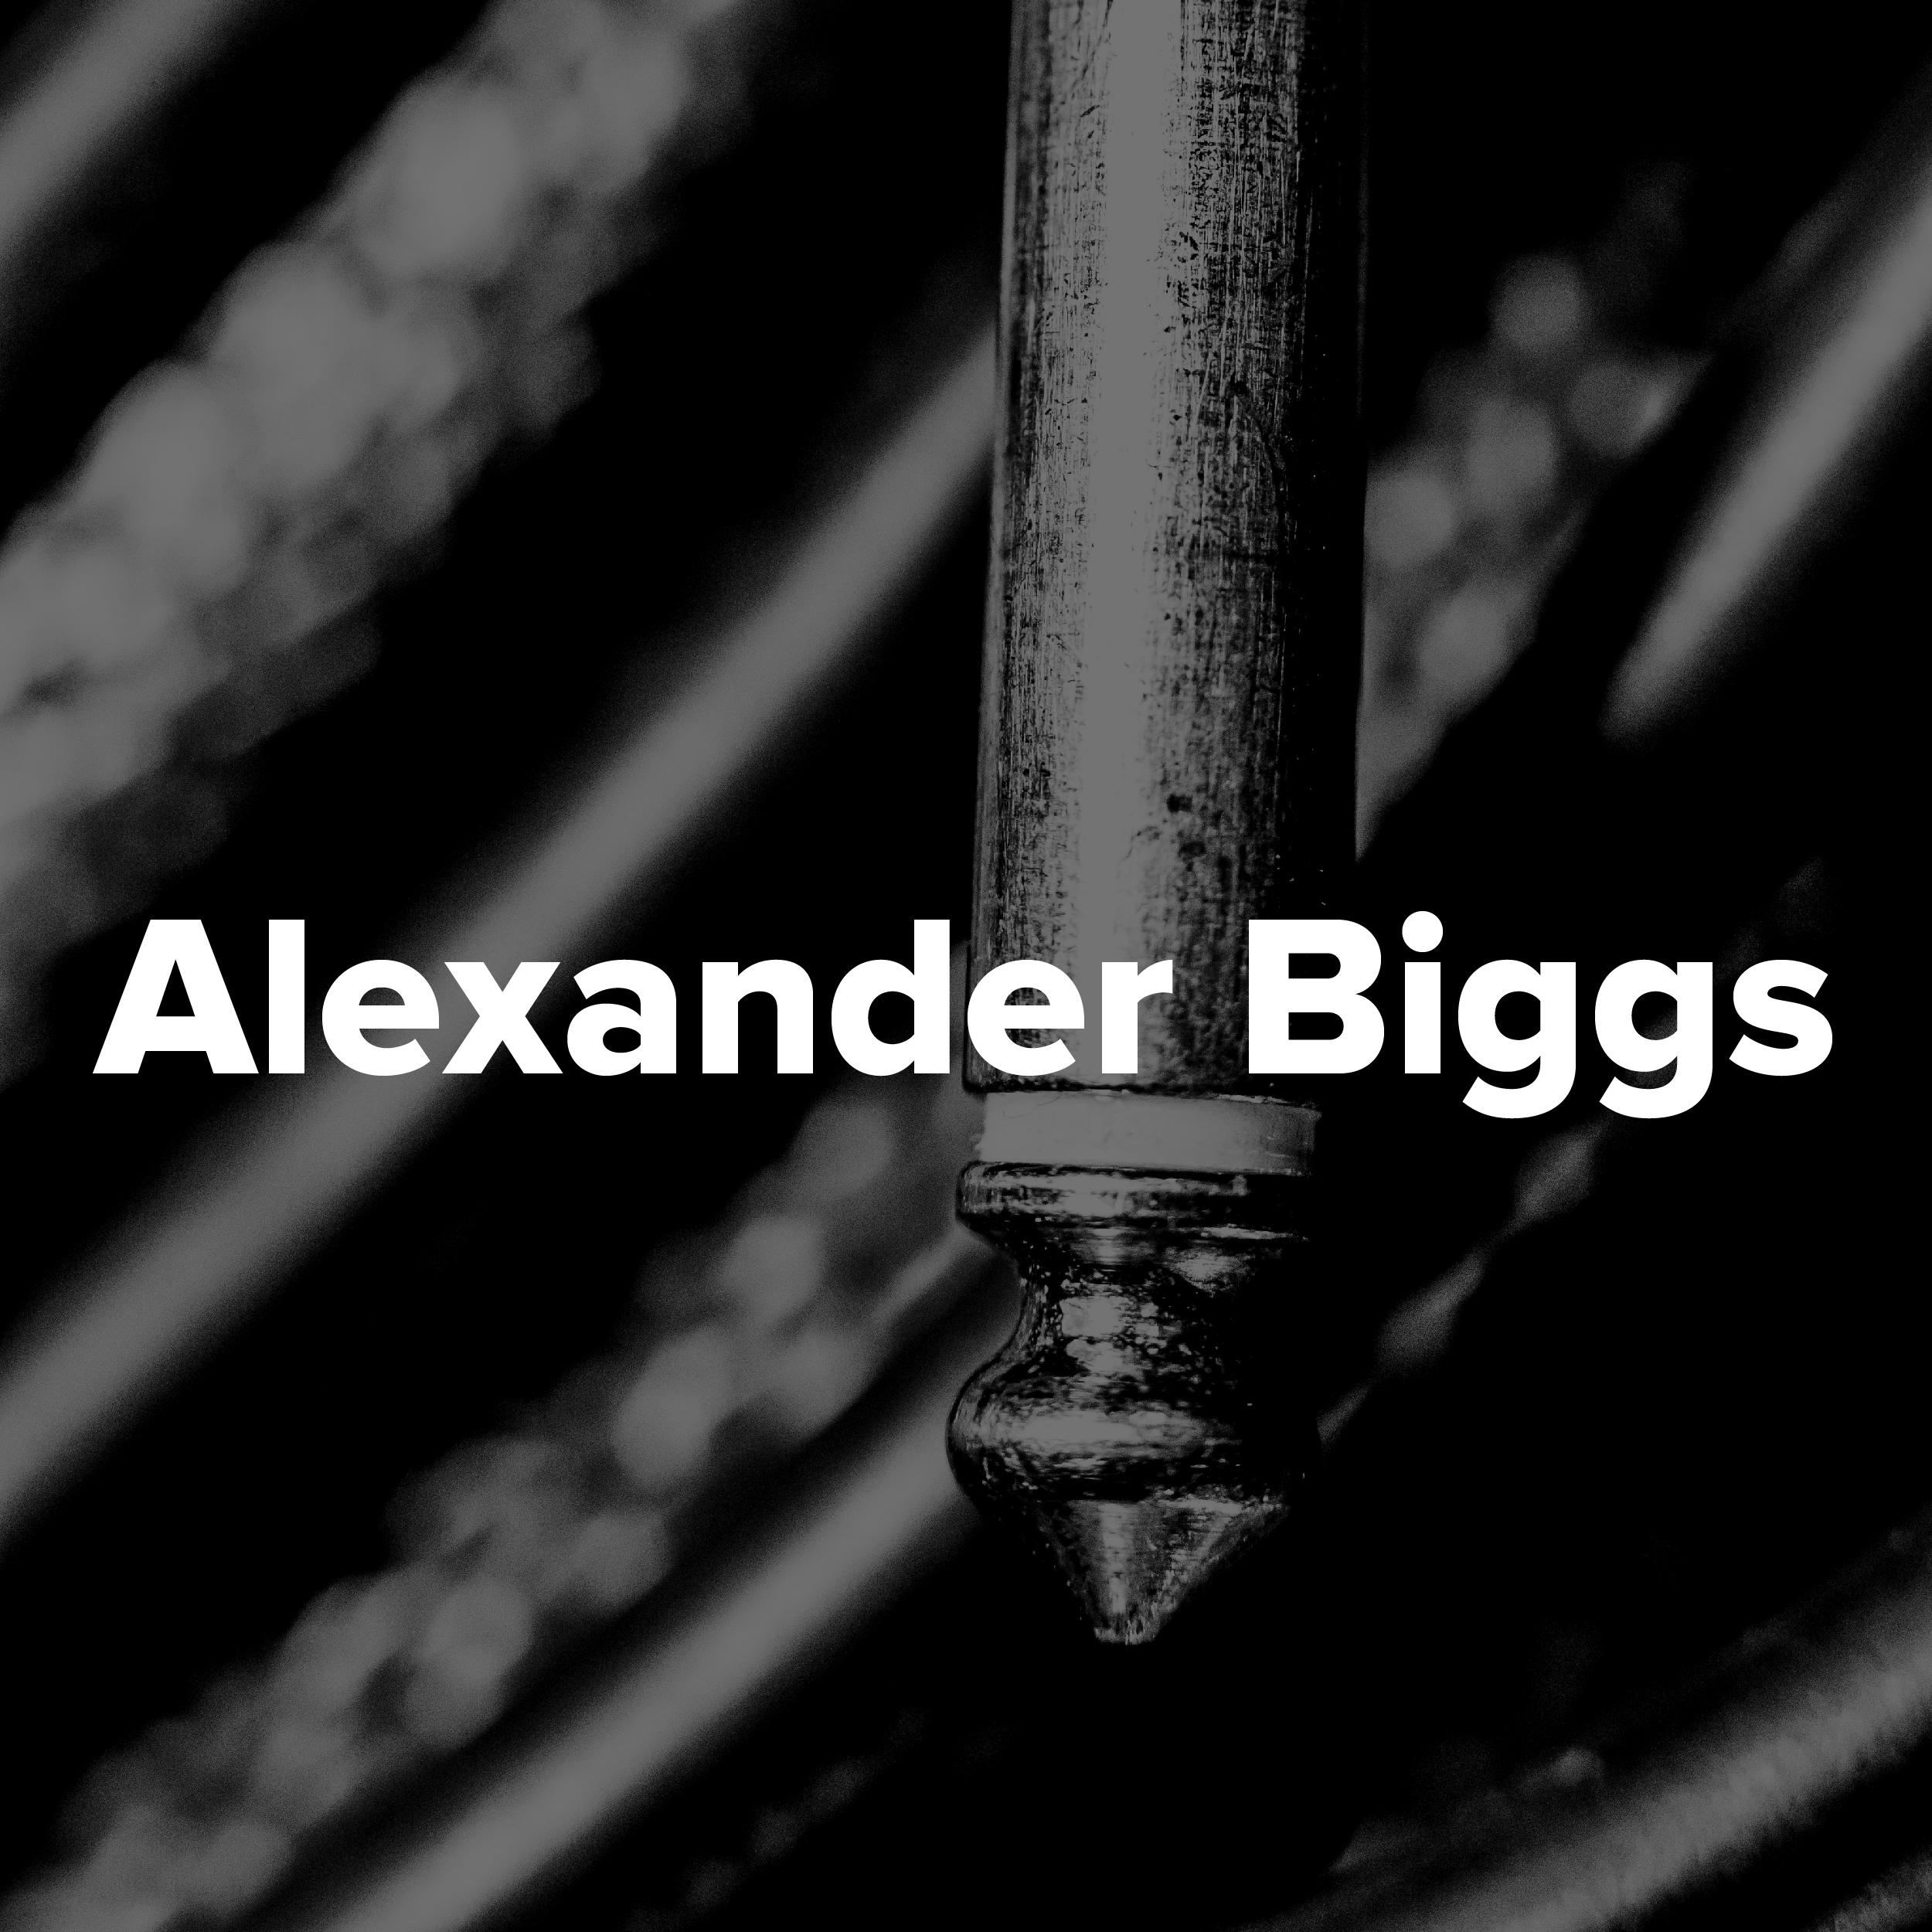 AlexanderBiggs-01.jpg